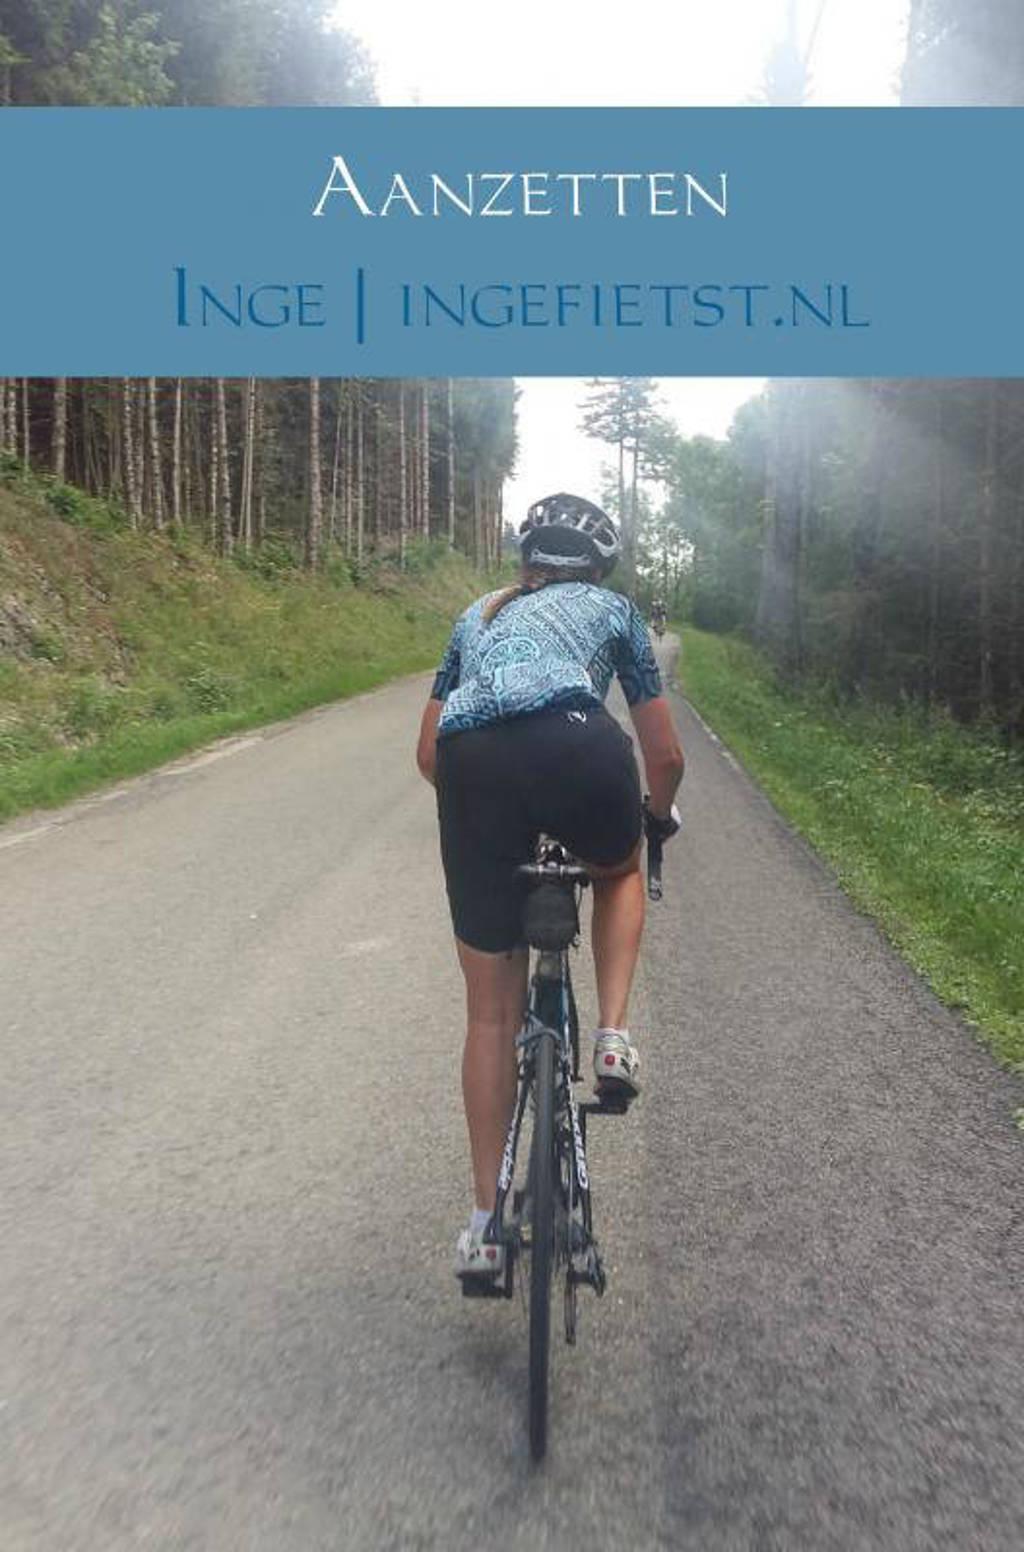 Aanzetten - Inge en Ingefietst.nl